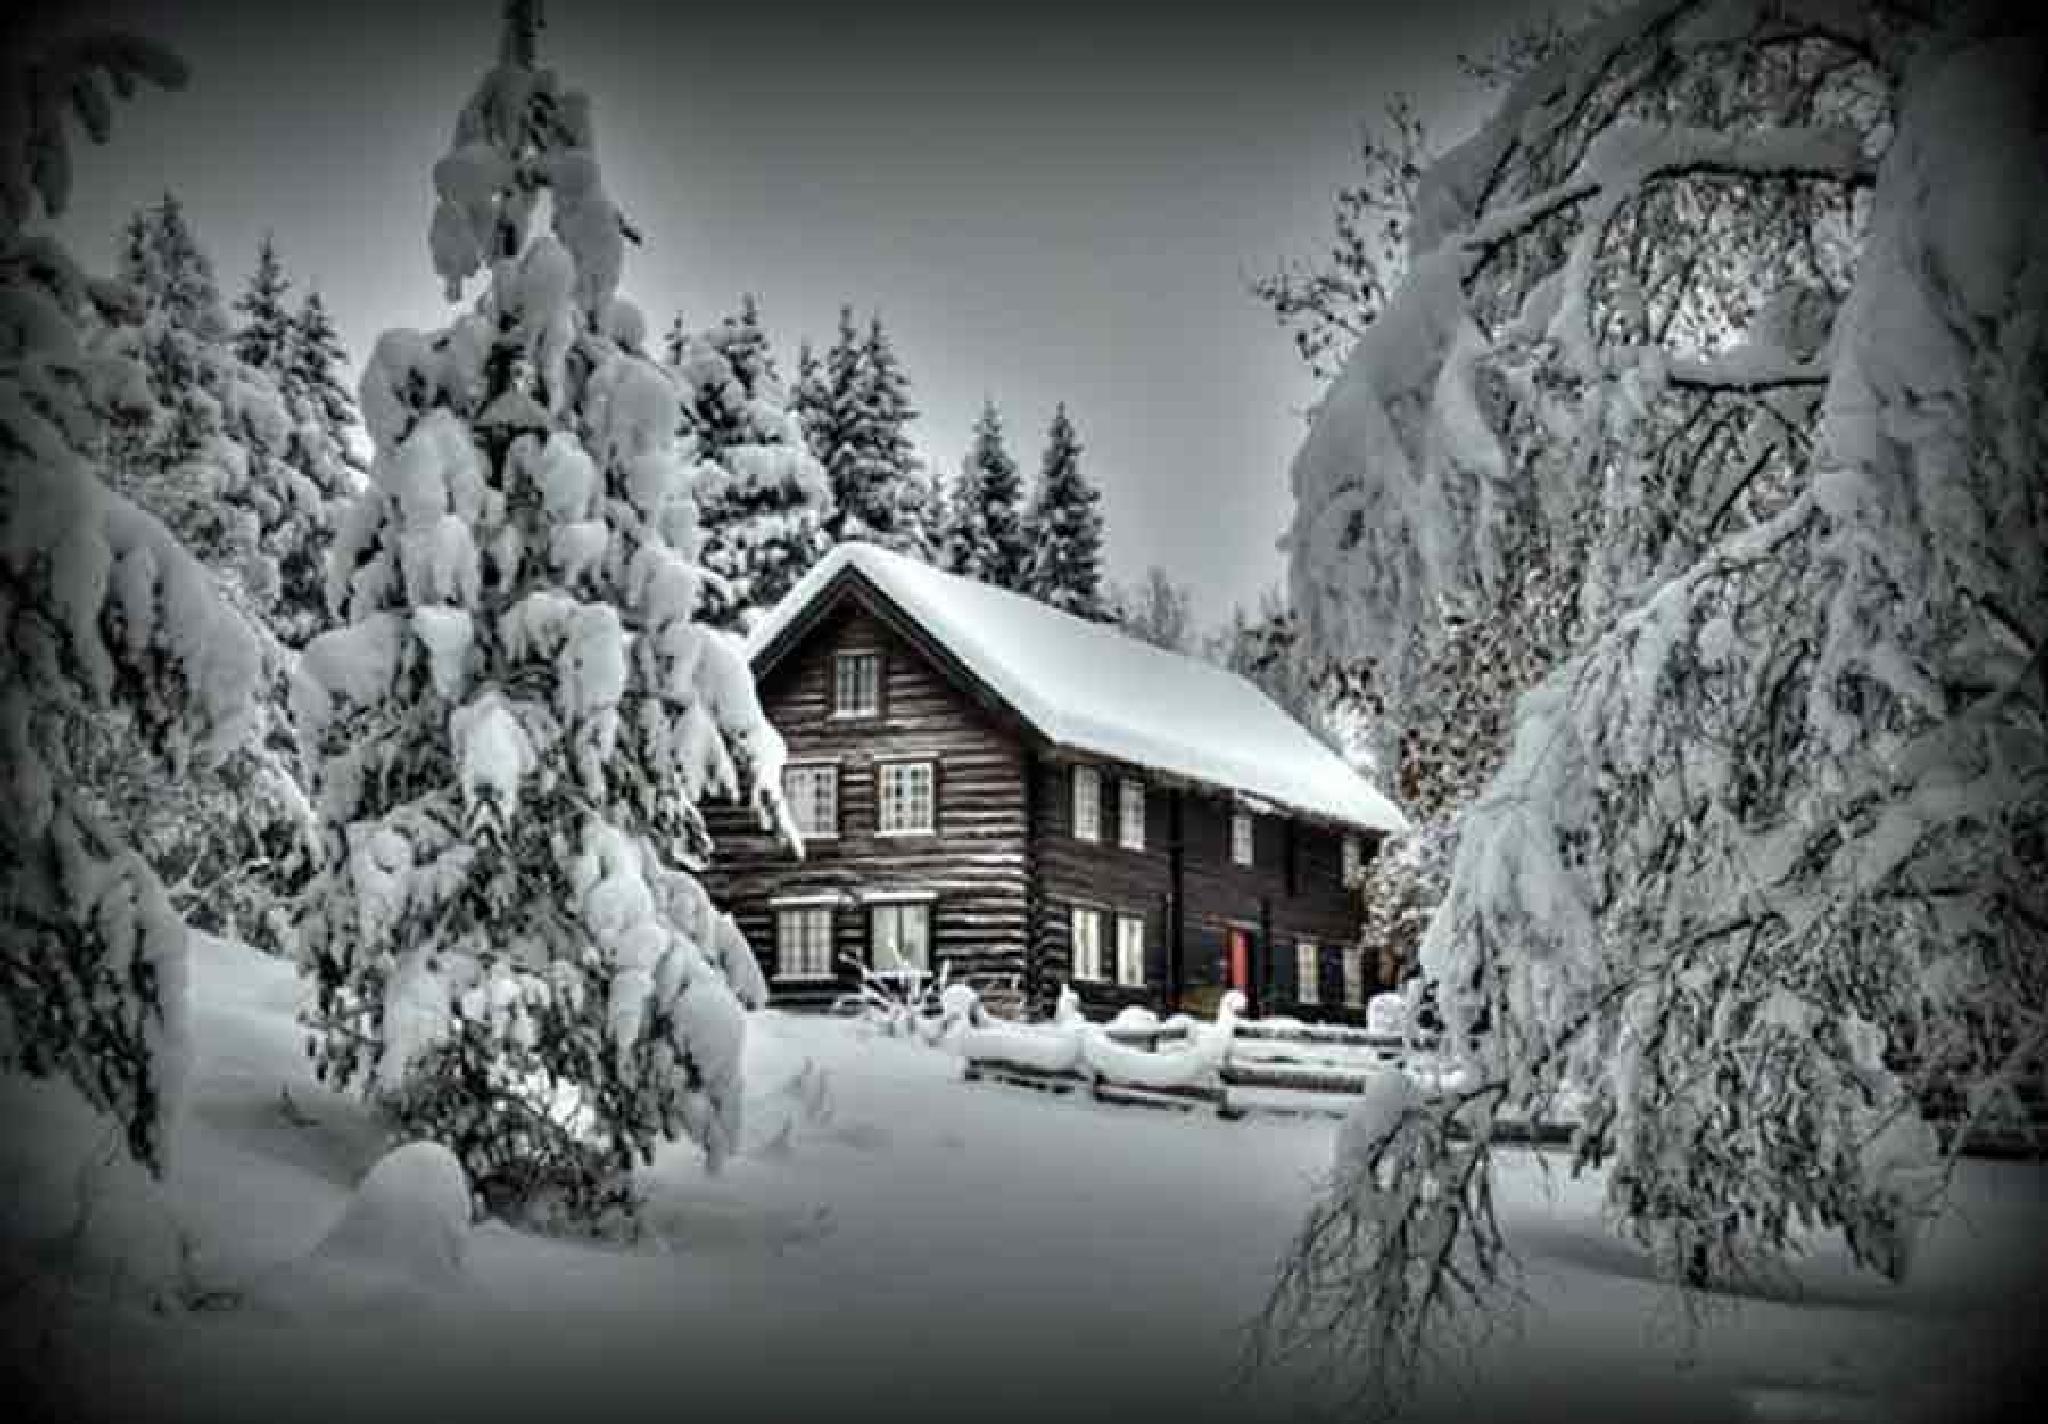 Christmas card by Myhrehagen